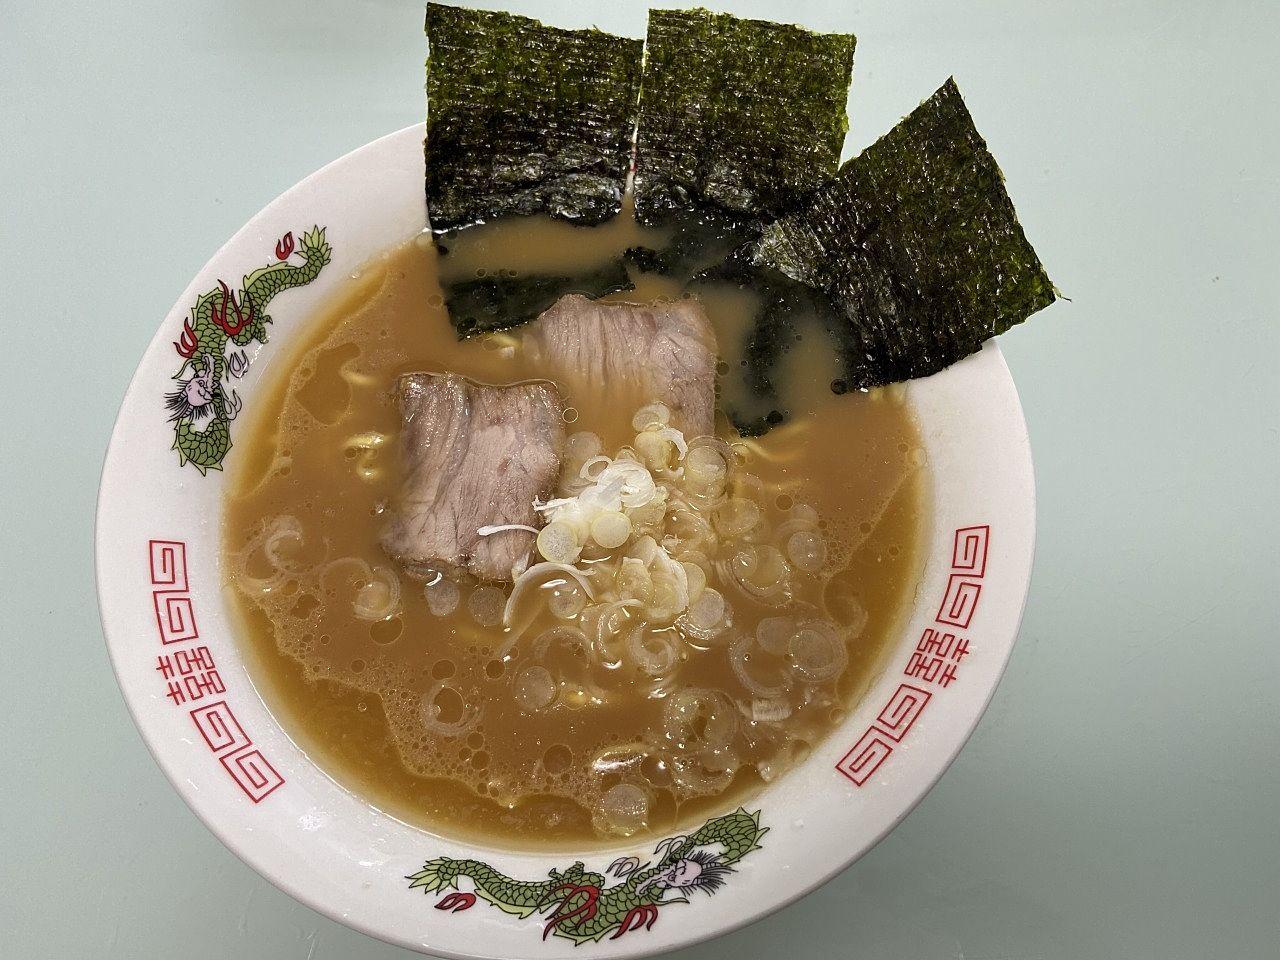 豚骨醤油味の横浜「家系」ラーメンの濃厚ゲンコツダシをベースにして「老舗」の味を再現した「六角家」の袋麺です。